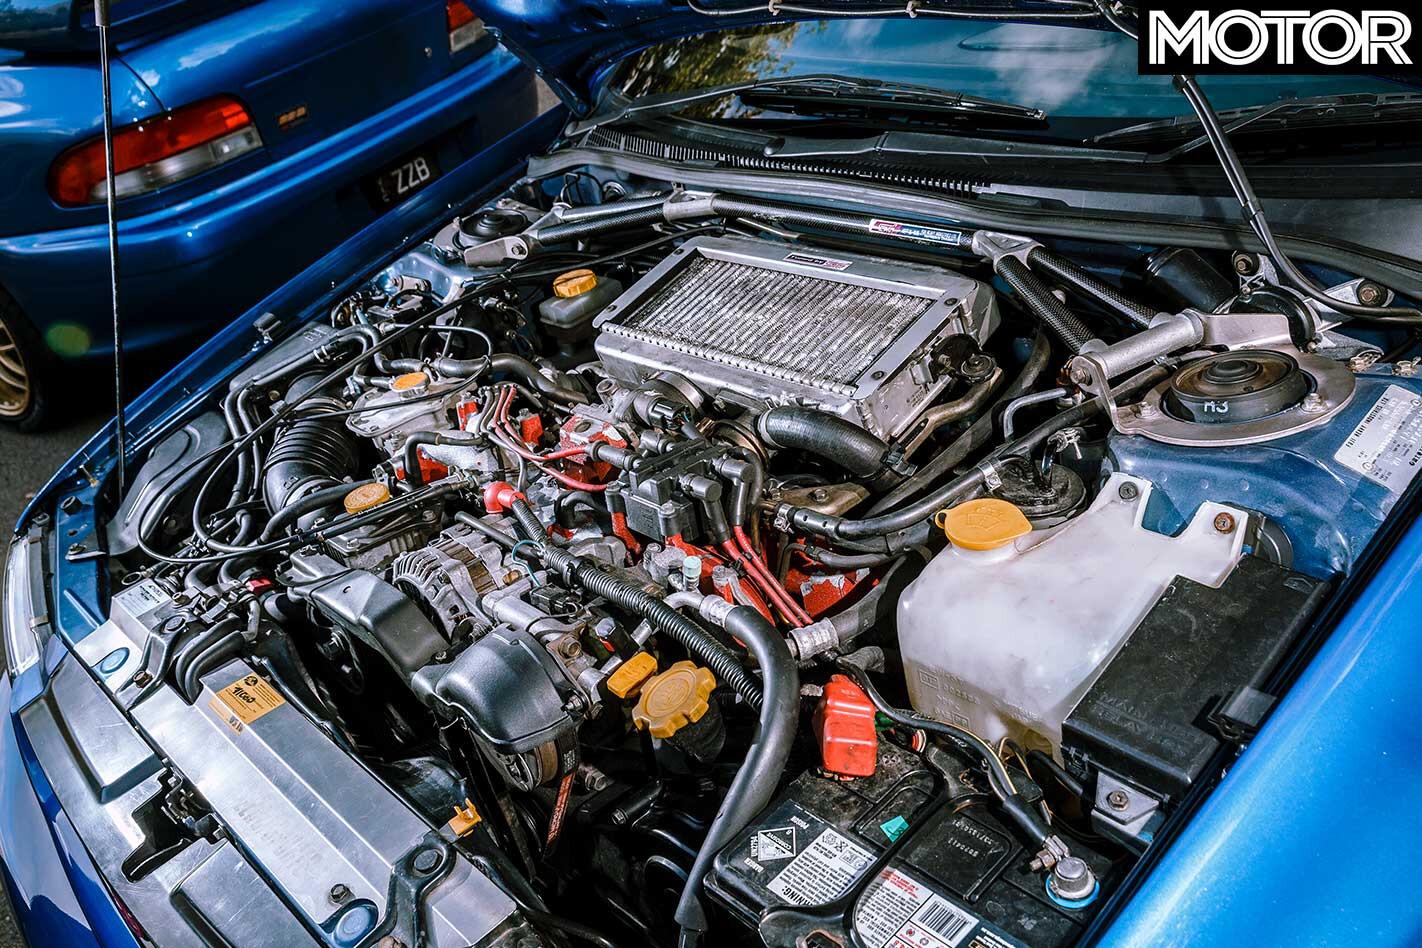 2000 Subaru Impreza WRX S Ti Type R Engine 281 29 Jpg